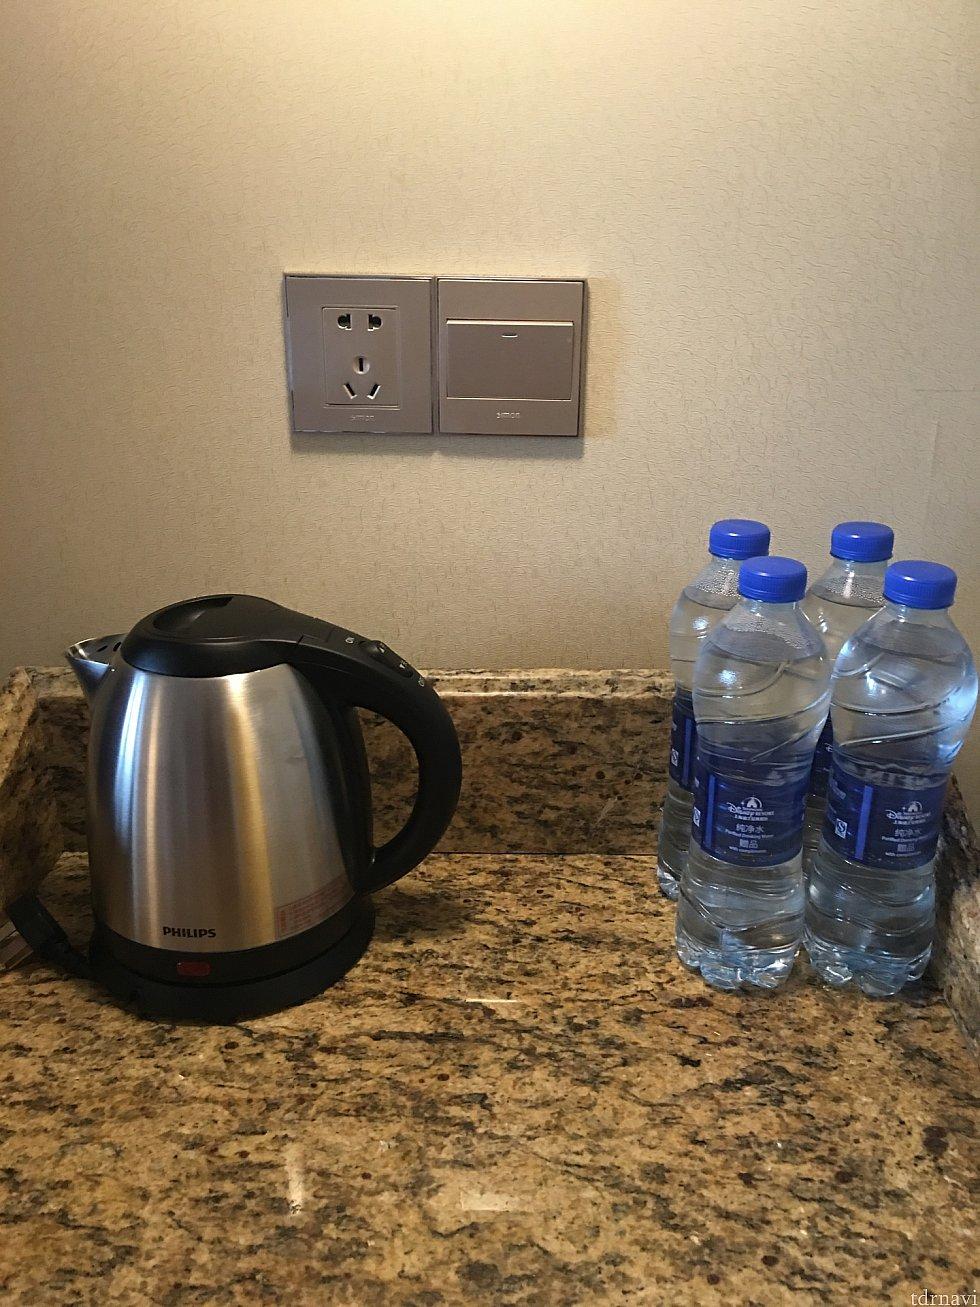 お水は6本毎日補充されます。(洗面所に2本歯磨き用ですね)最近の電化製品であればコンセントにそのままさせます。変換プラグ不要  電圧を確認してくださいね〜